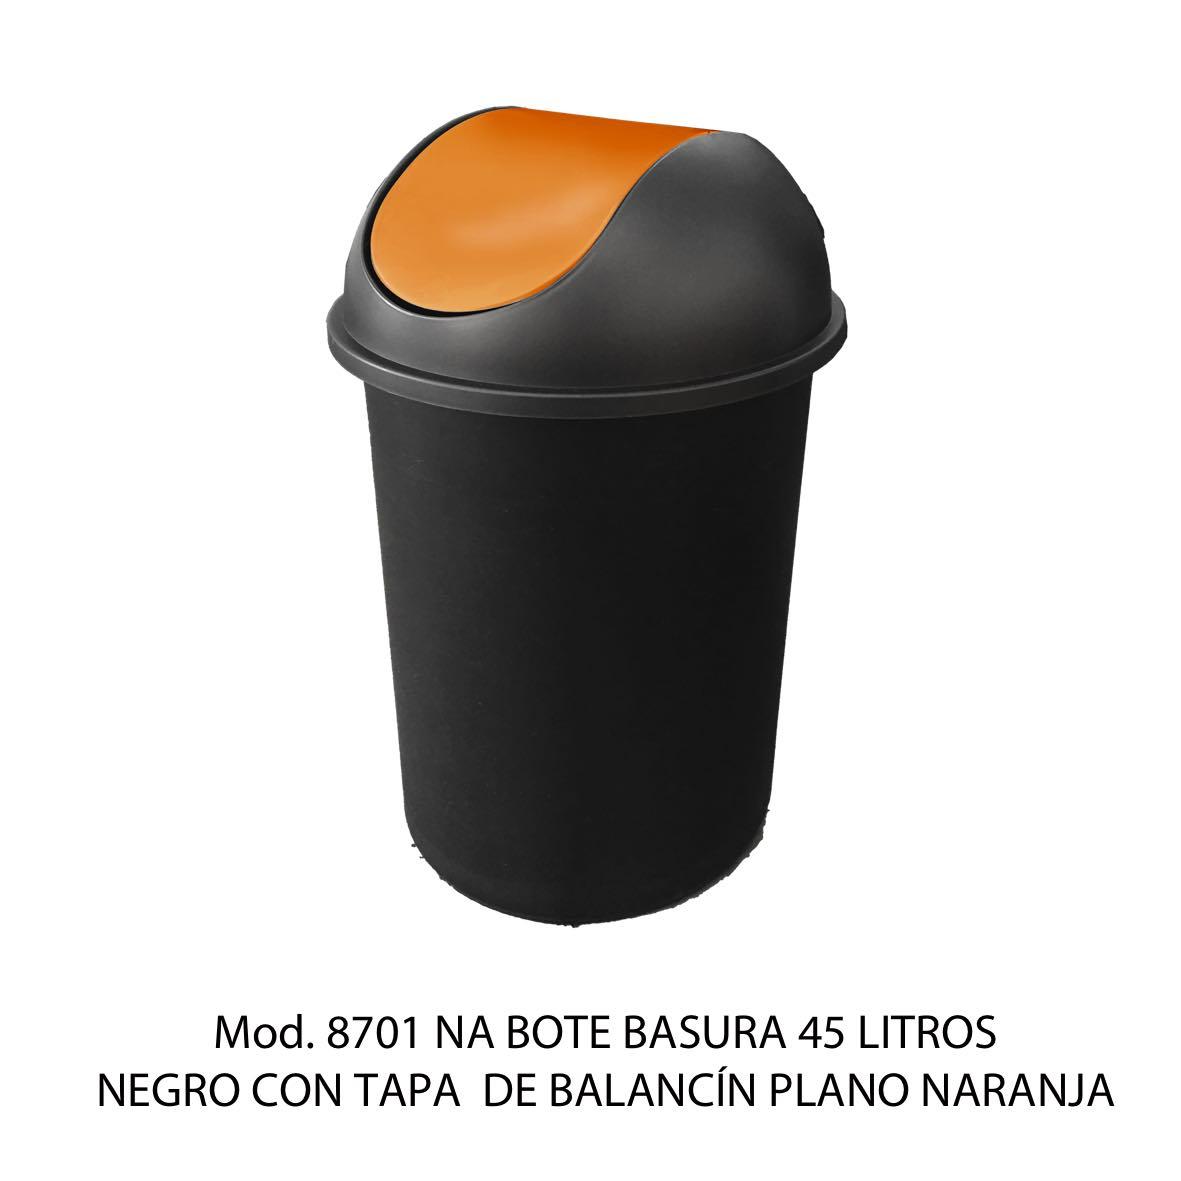 Bote de basura redondo negro de 45 litros con tapa naranja tipo balancín liso modelo 8701 NA Sablón